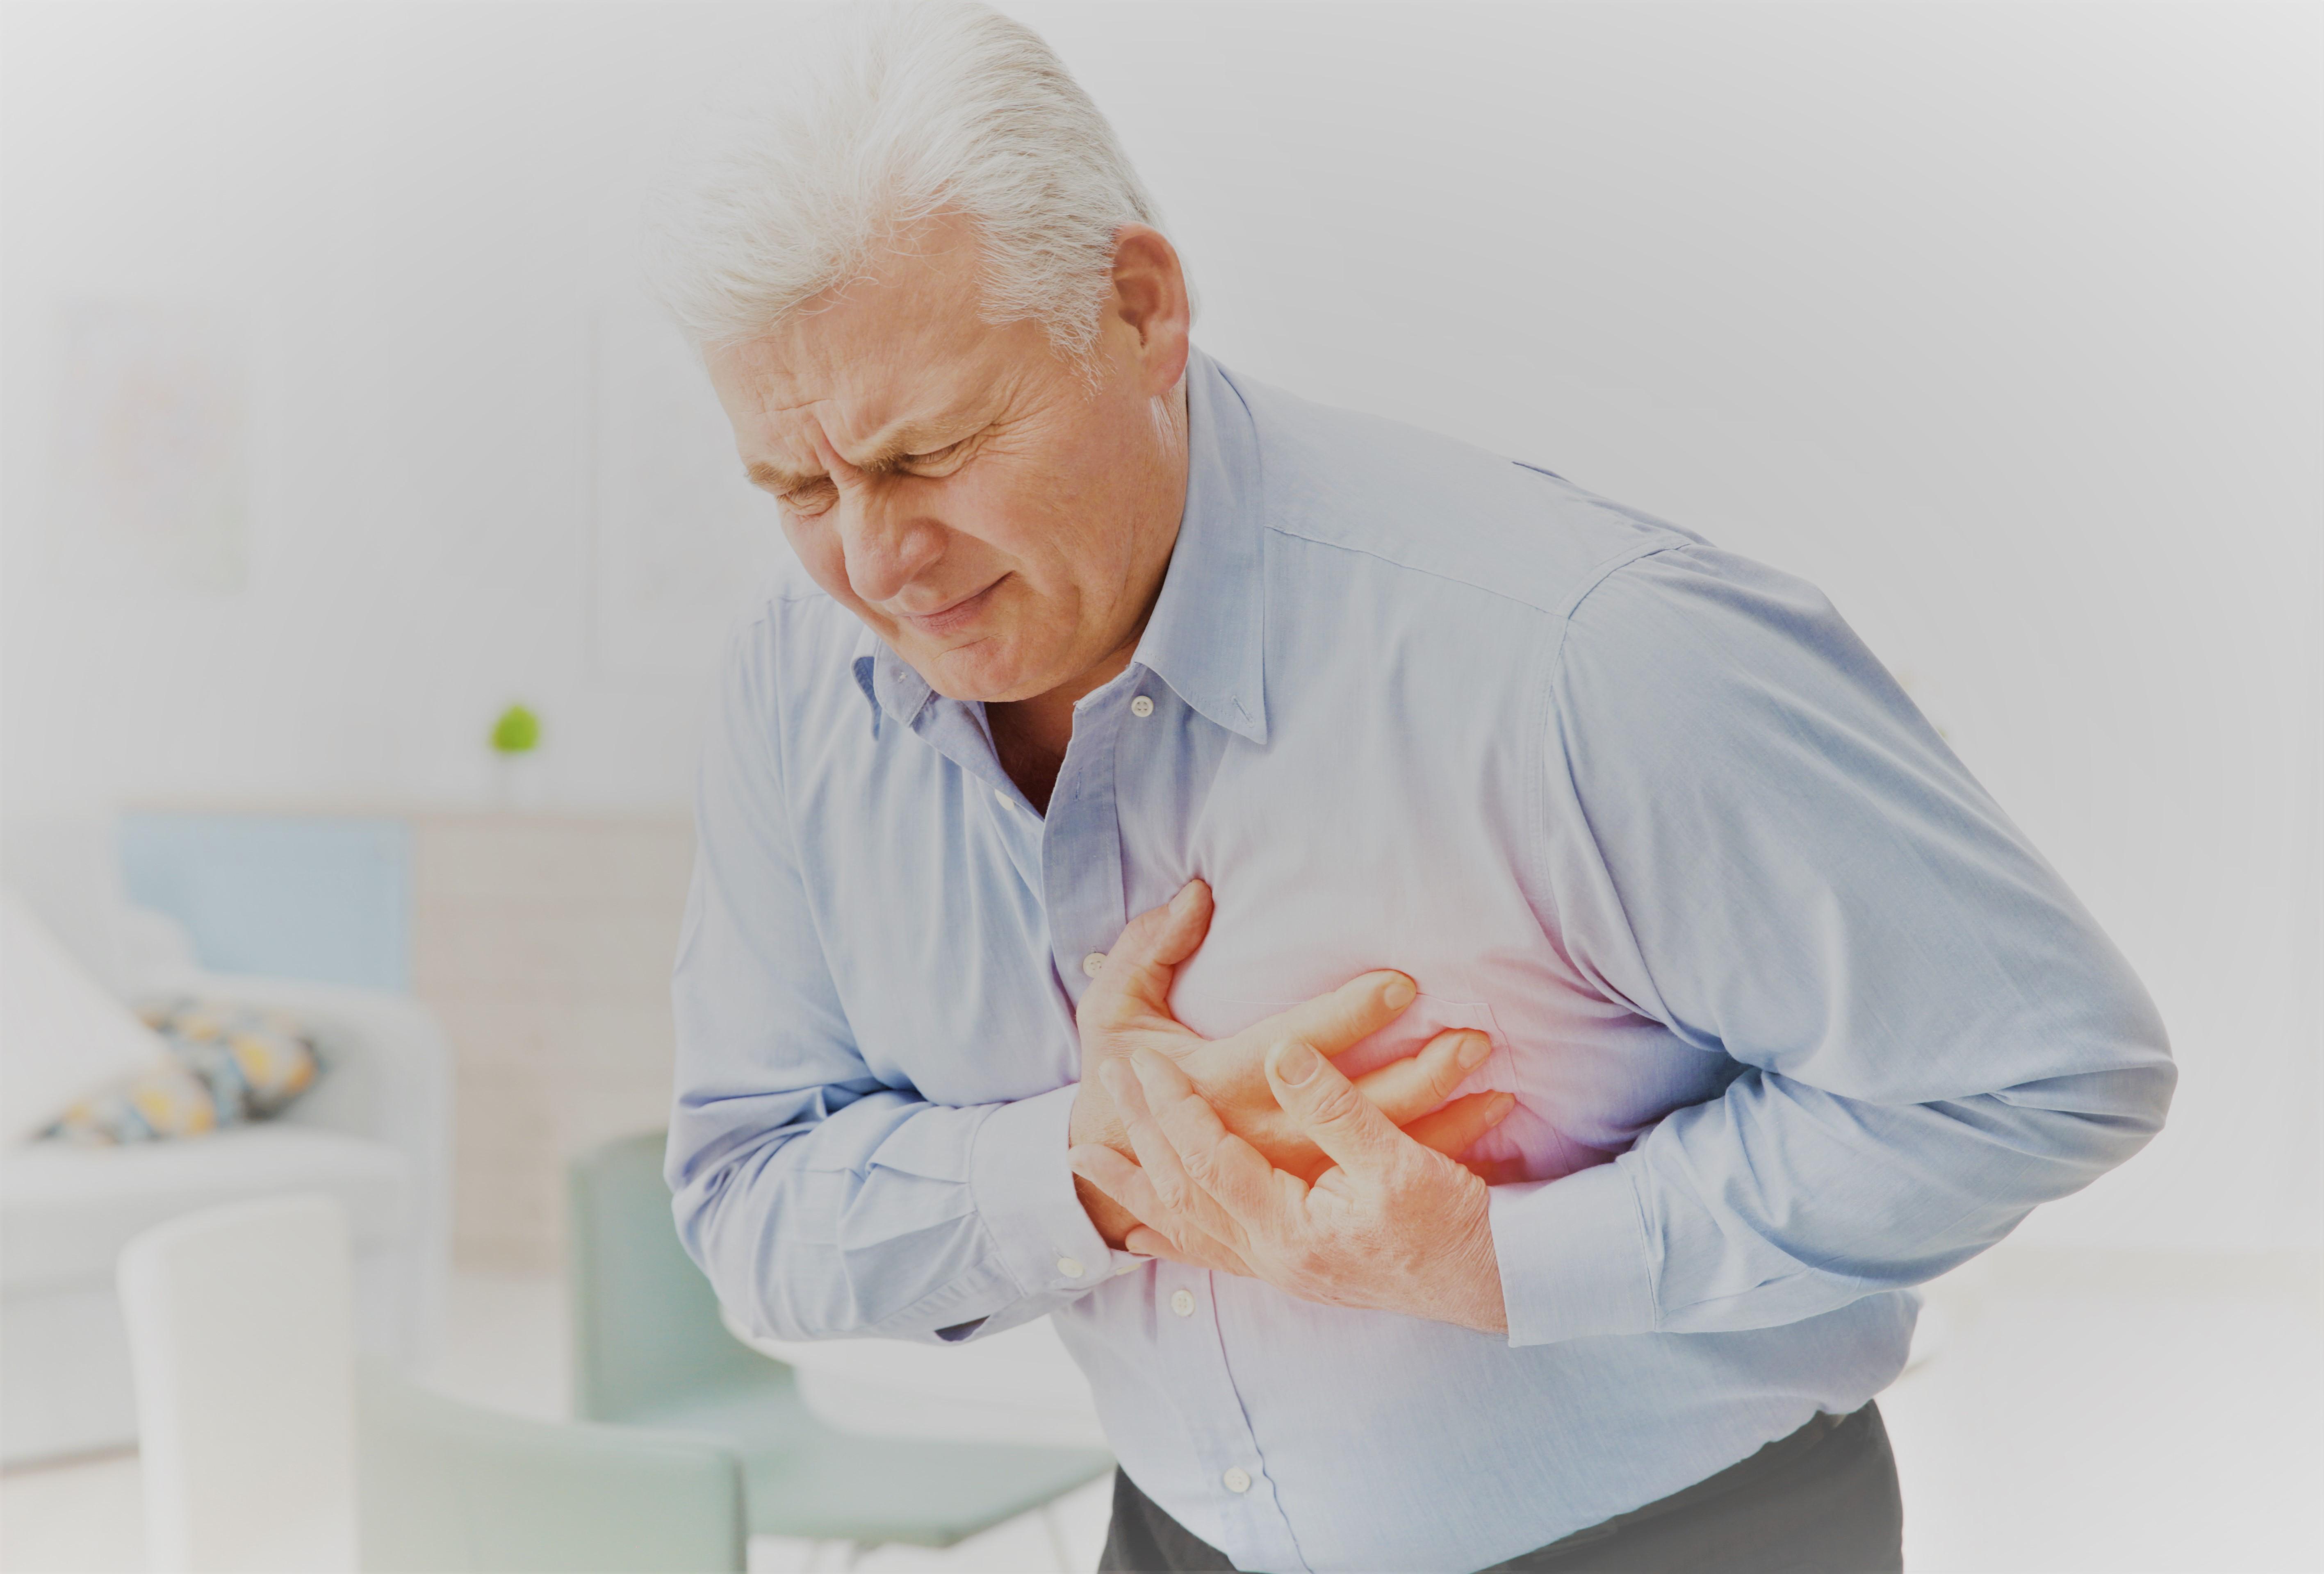 szívfájdalom és magas vérnyomás egyszerű gyógymódok a magas vérnyomás ellen